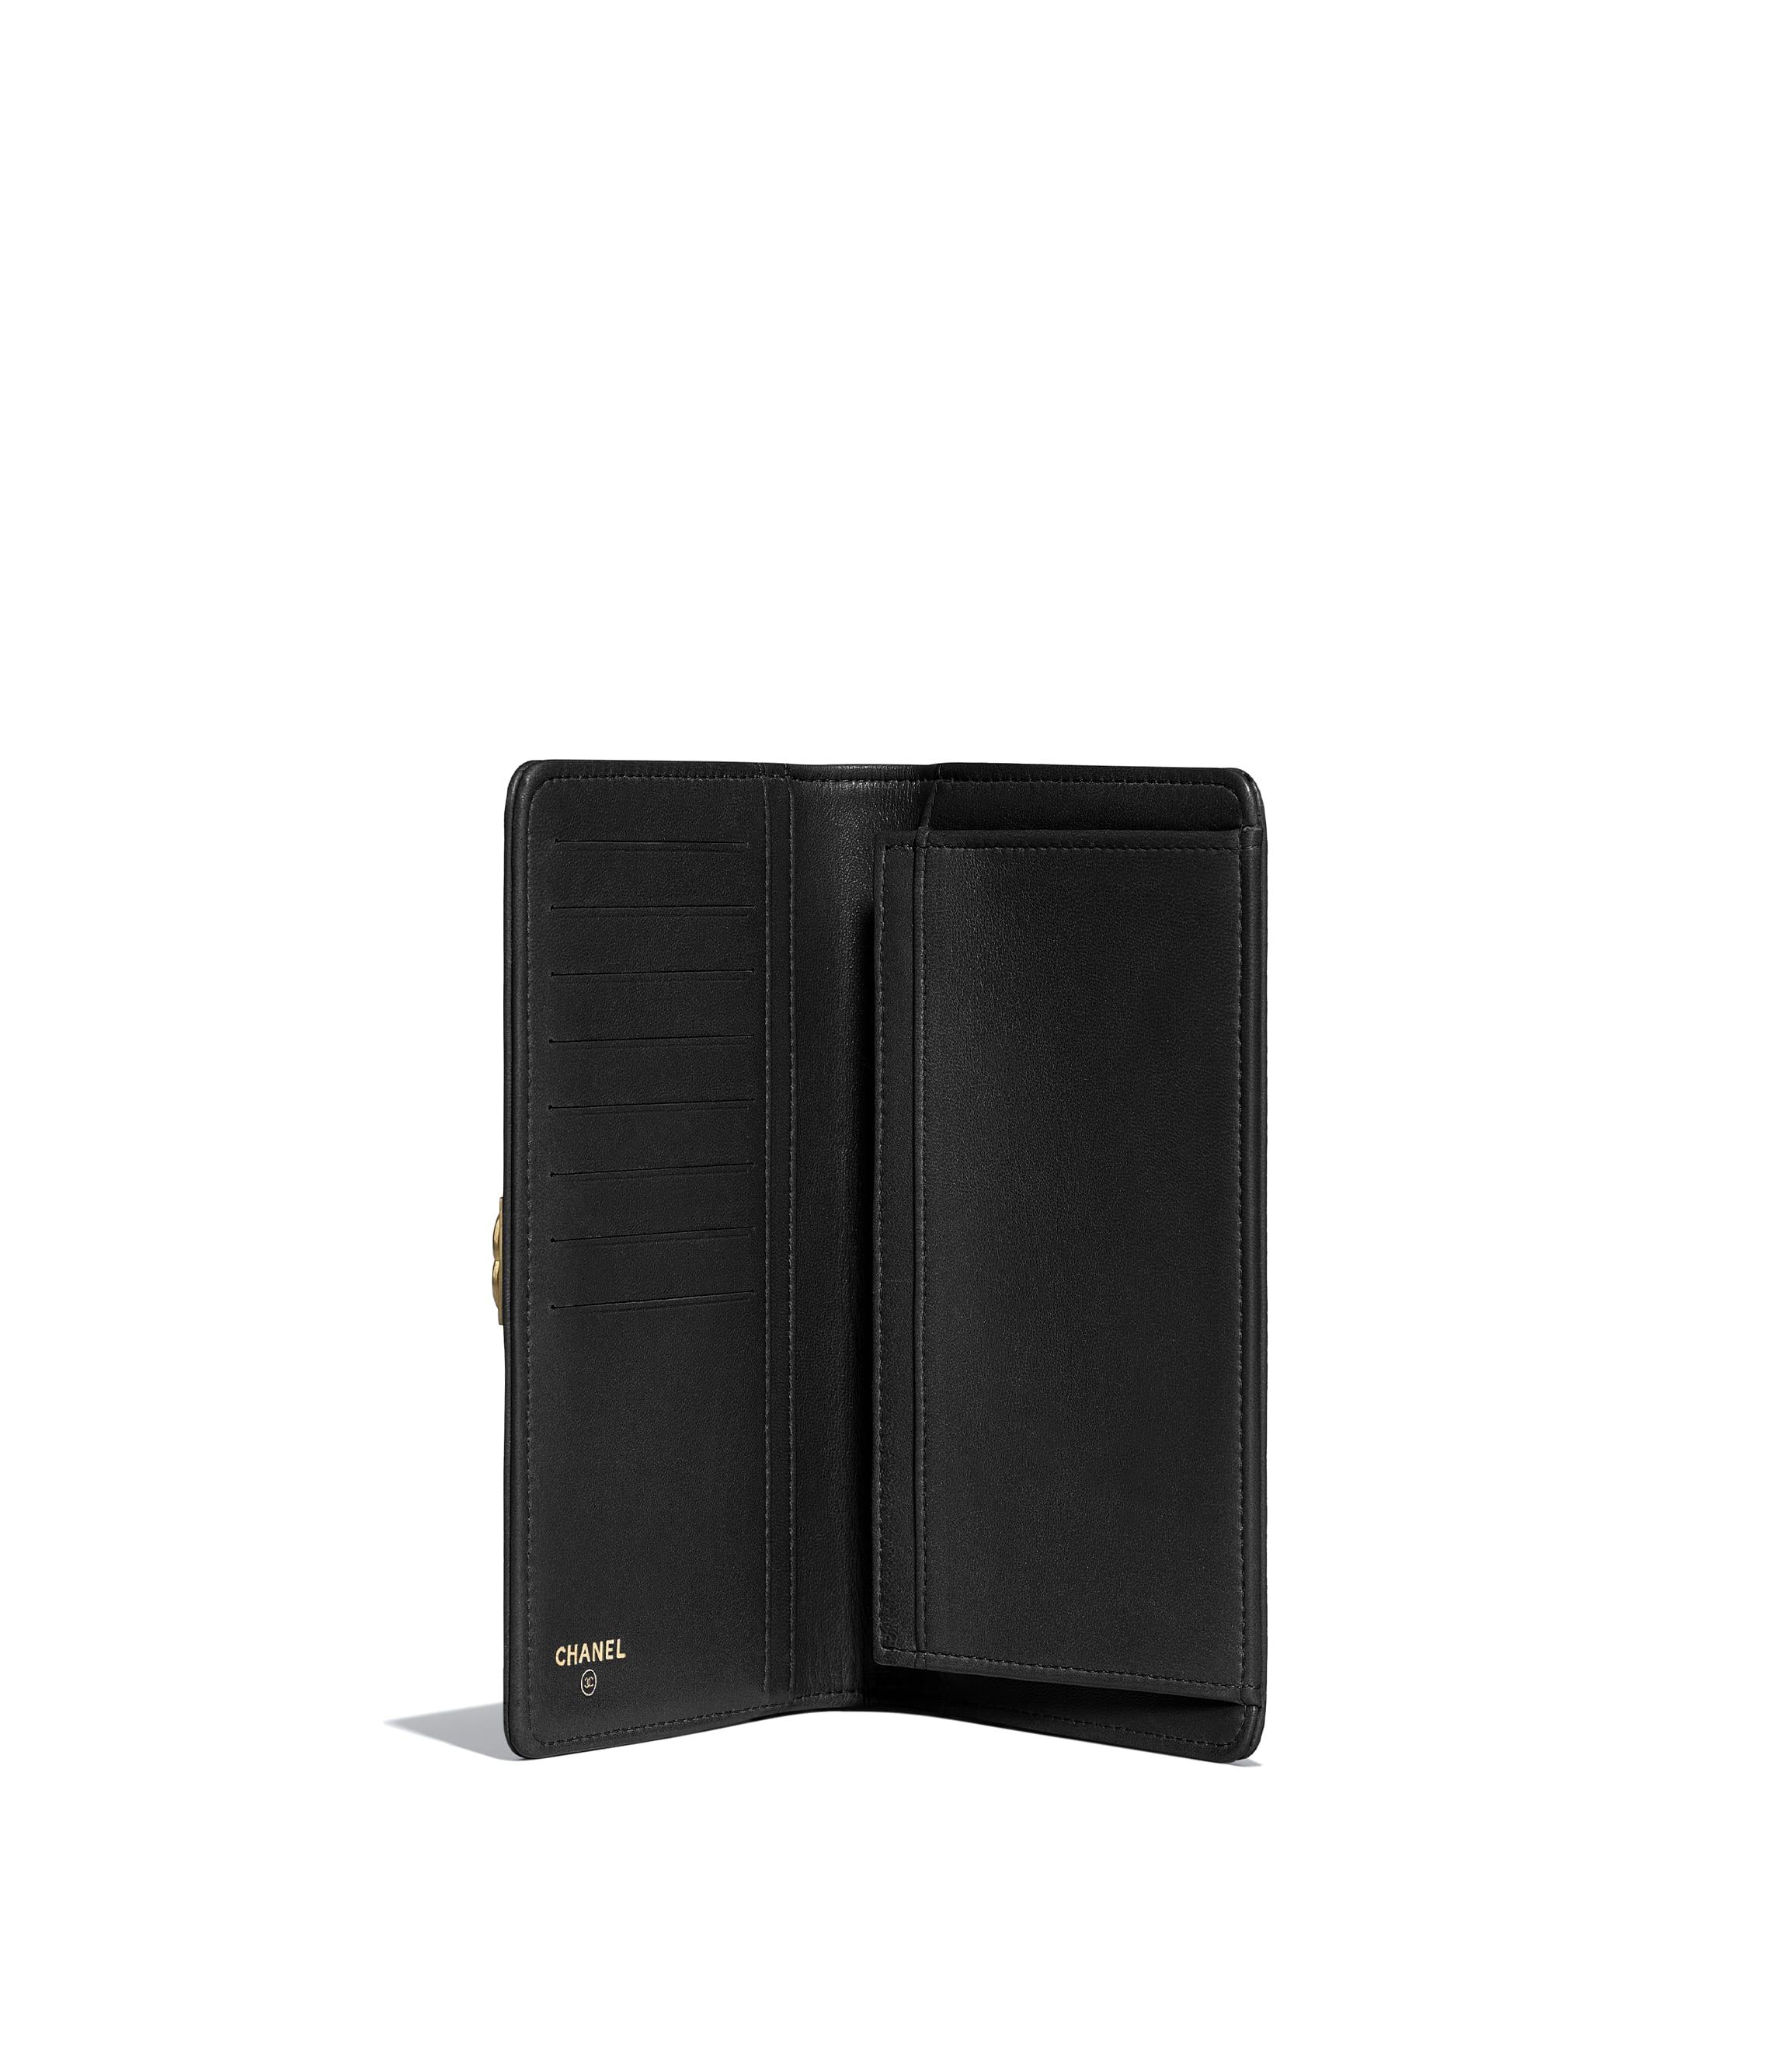 유럽직배송 샤넬 CHANEL BOY CHANEL Long Flap Wallet A80285Y0765994305